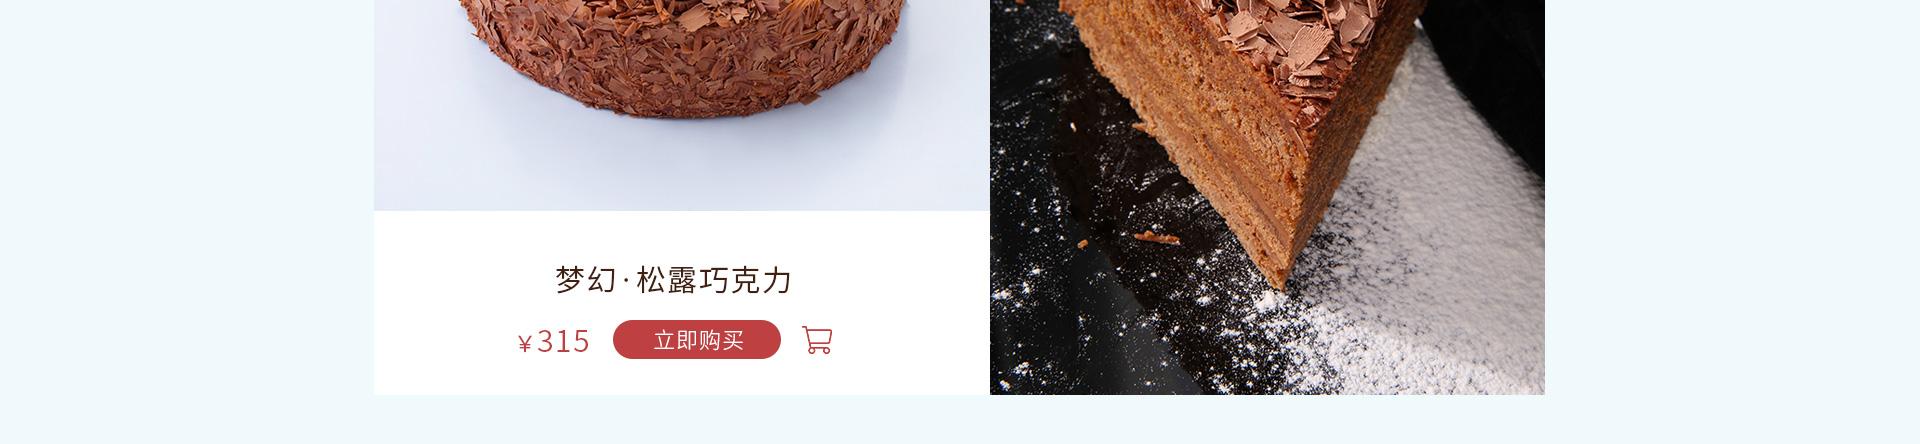 梦幻|松露巧克力蛋糕 在线订购